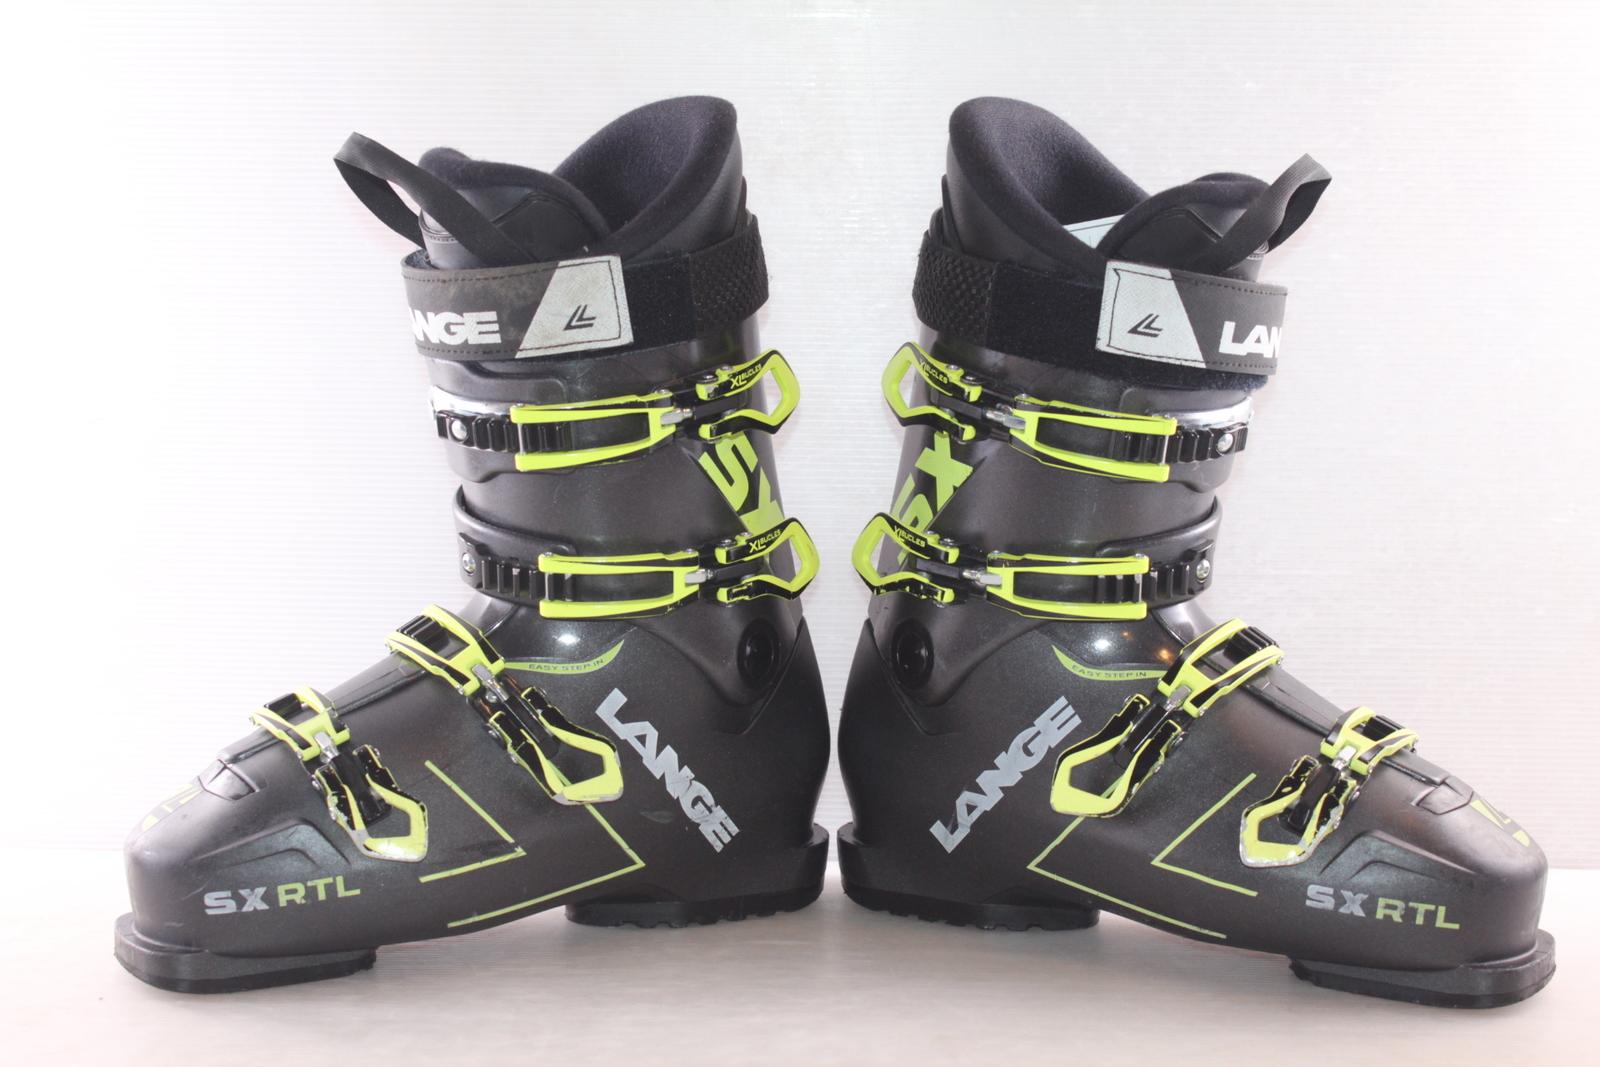 Lyžařské boty Lange SX RTL vel. EU42 flexe 80